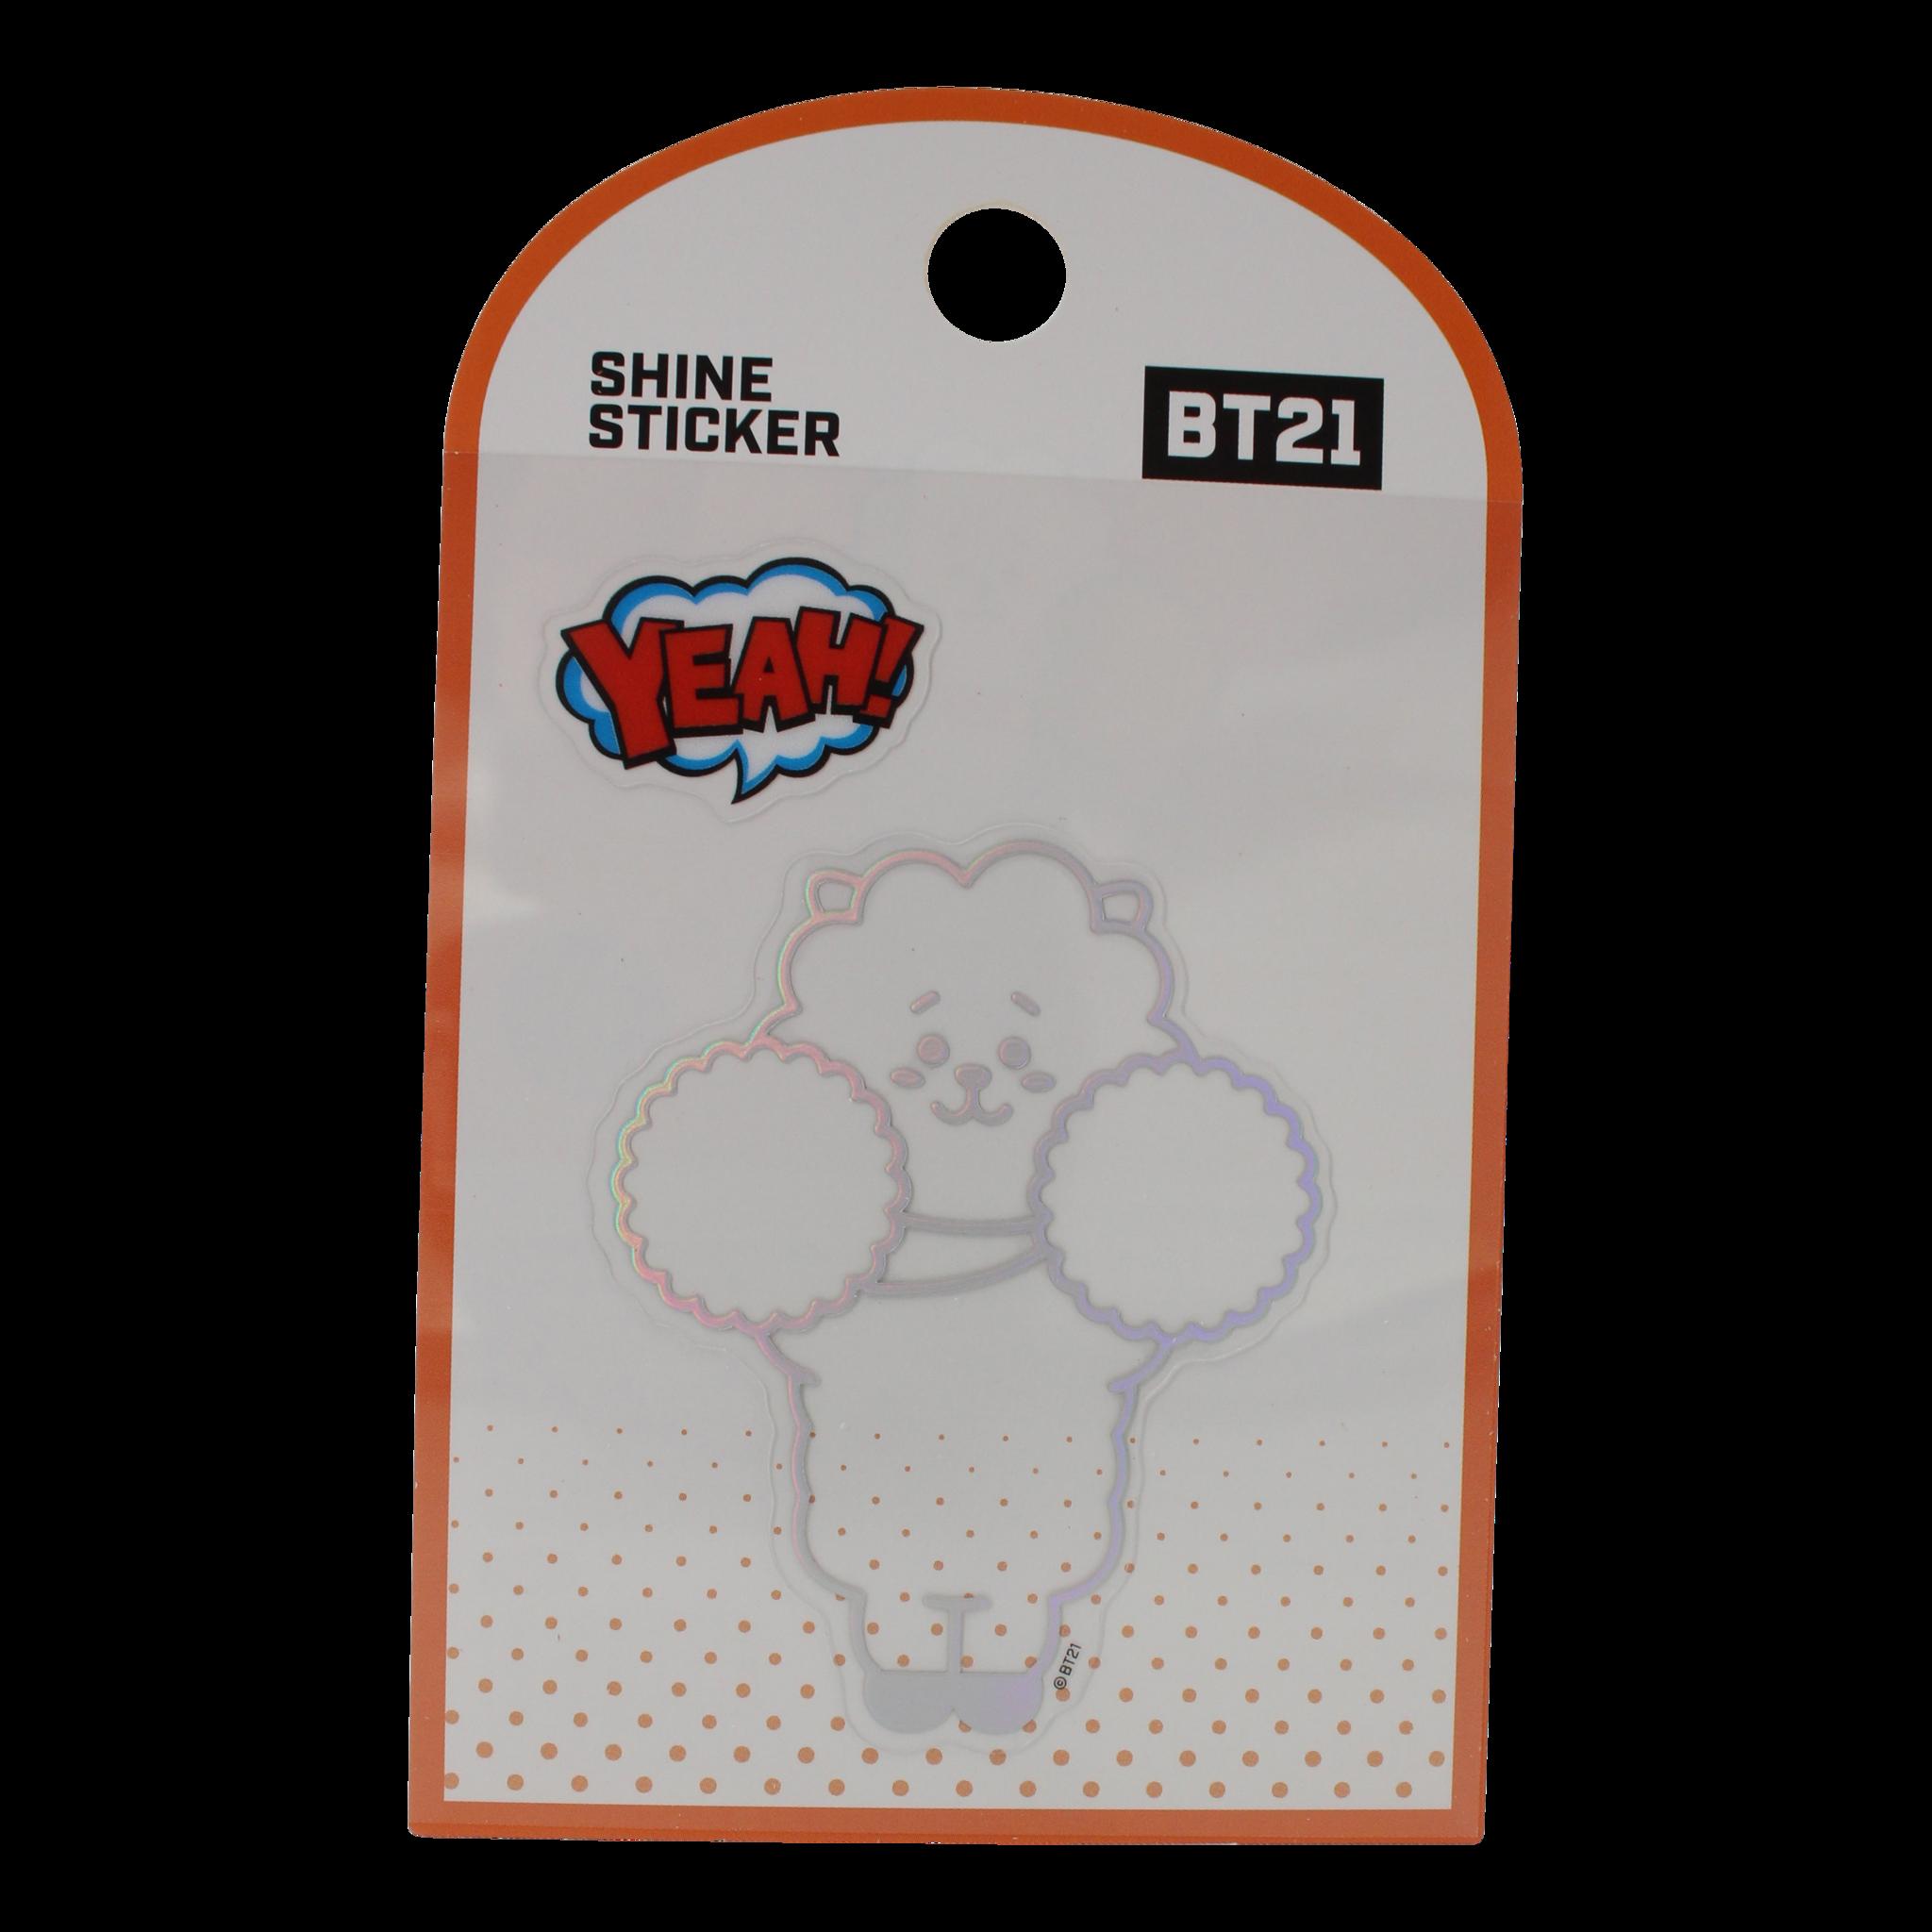 BT21 BT21 Shine sticker - RJ